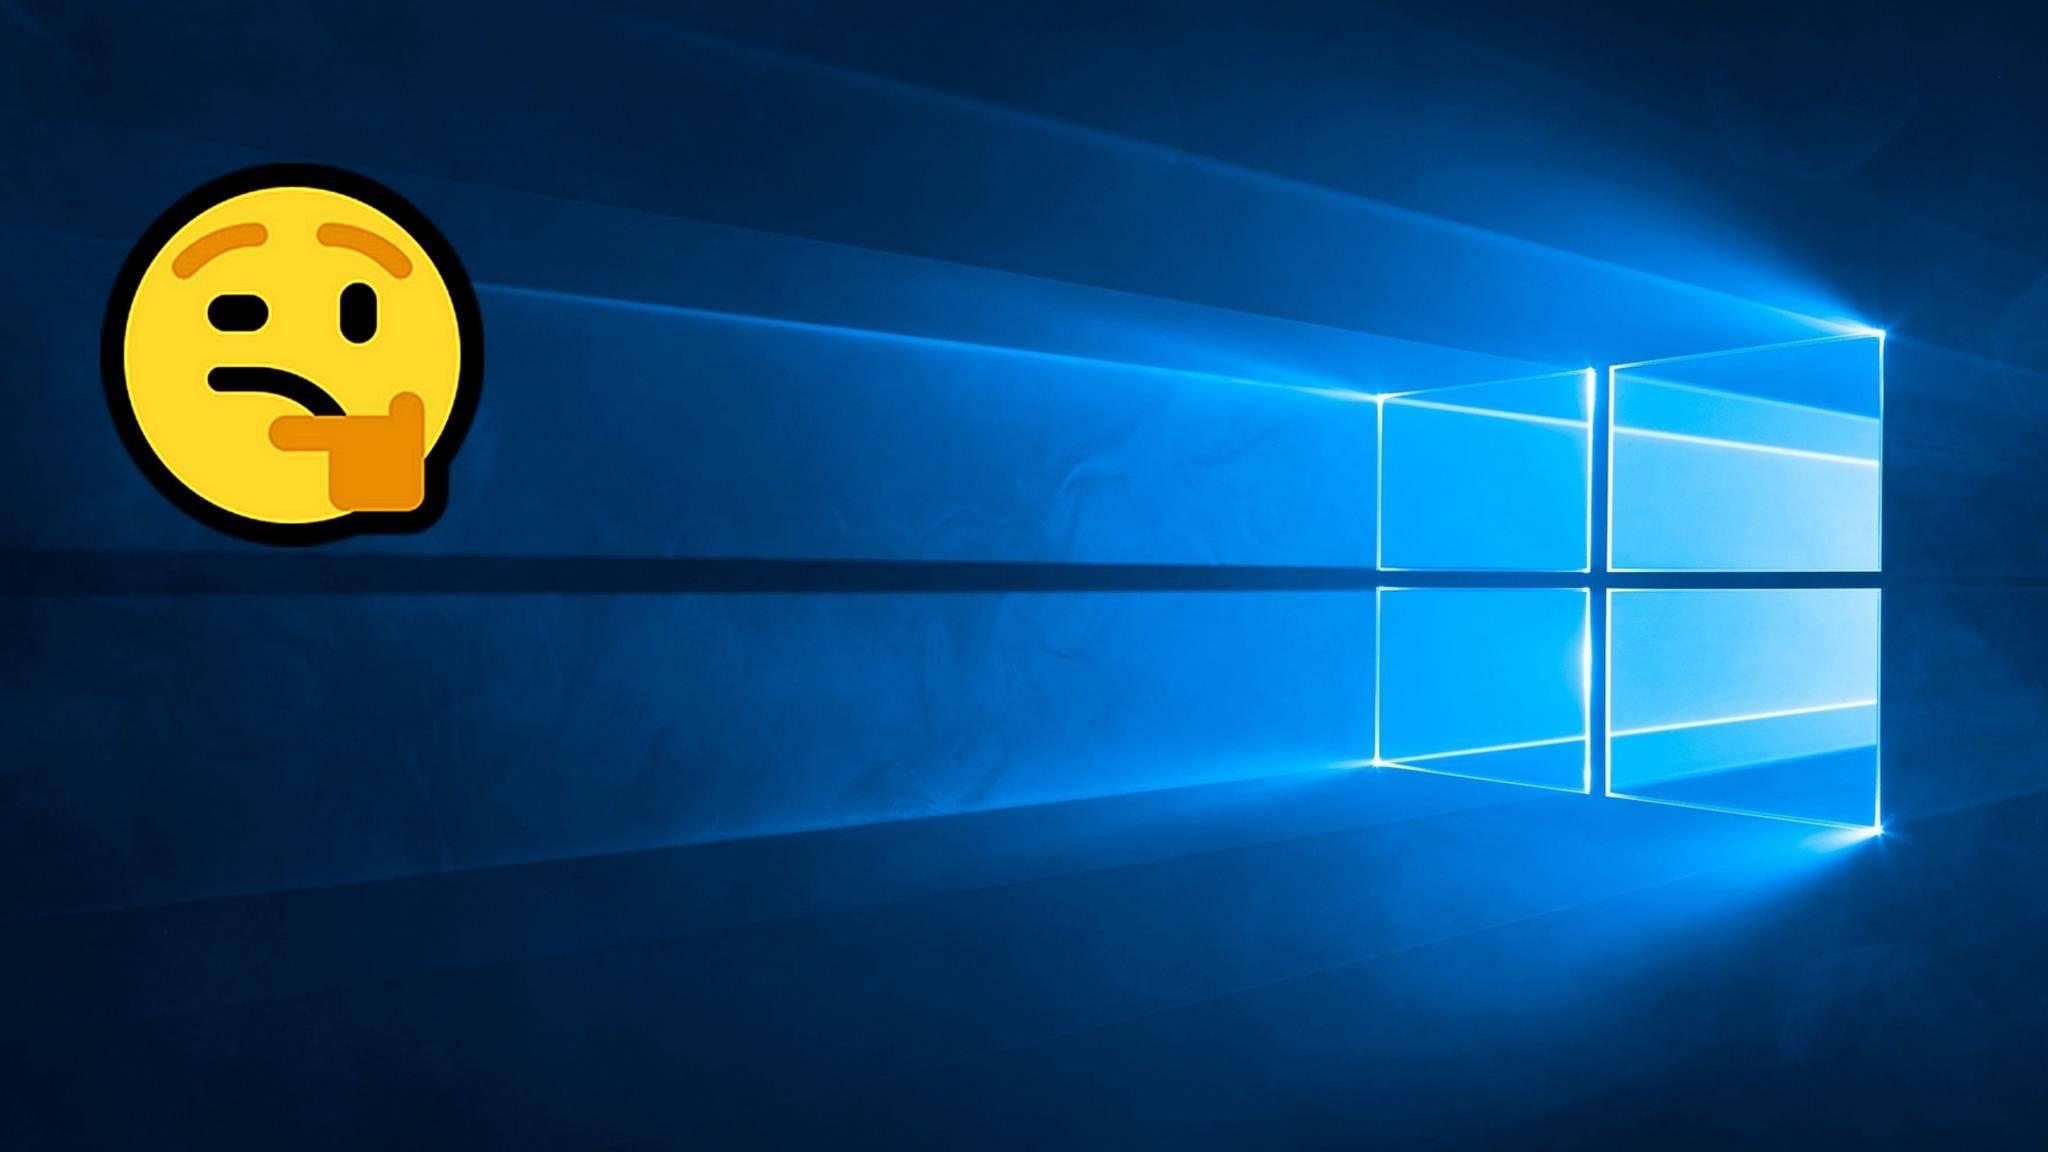 Windows-10-Emoji